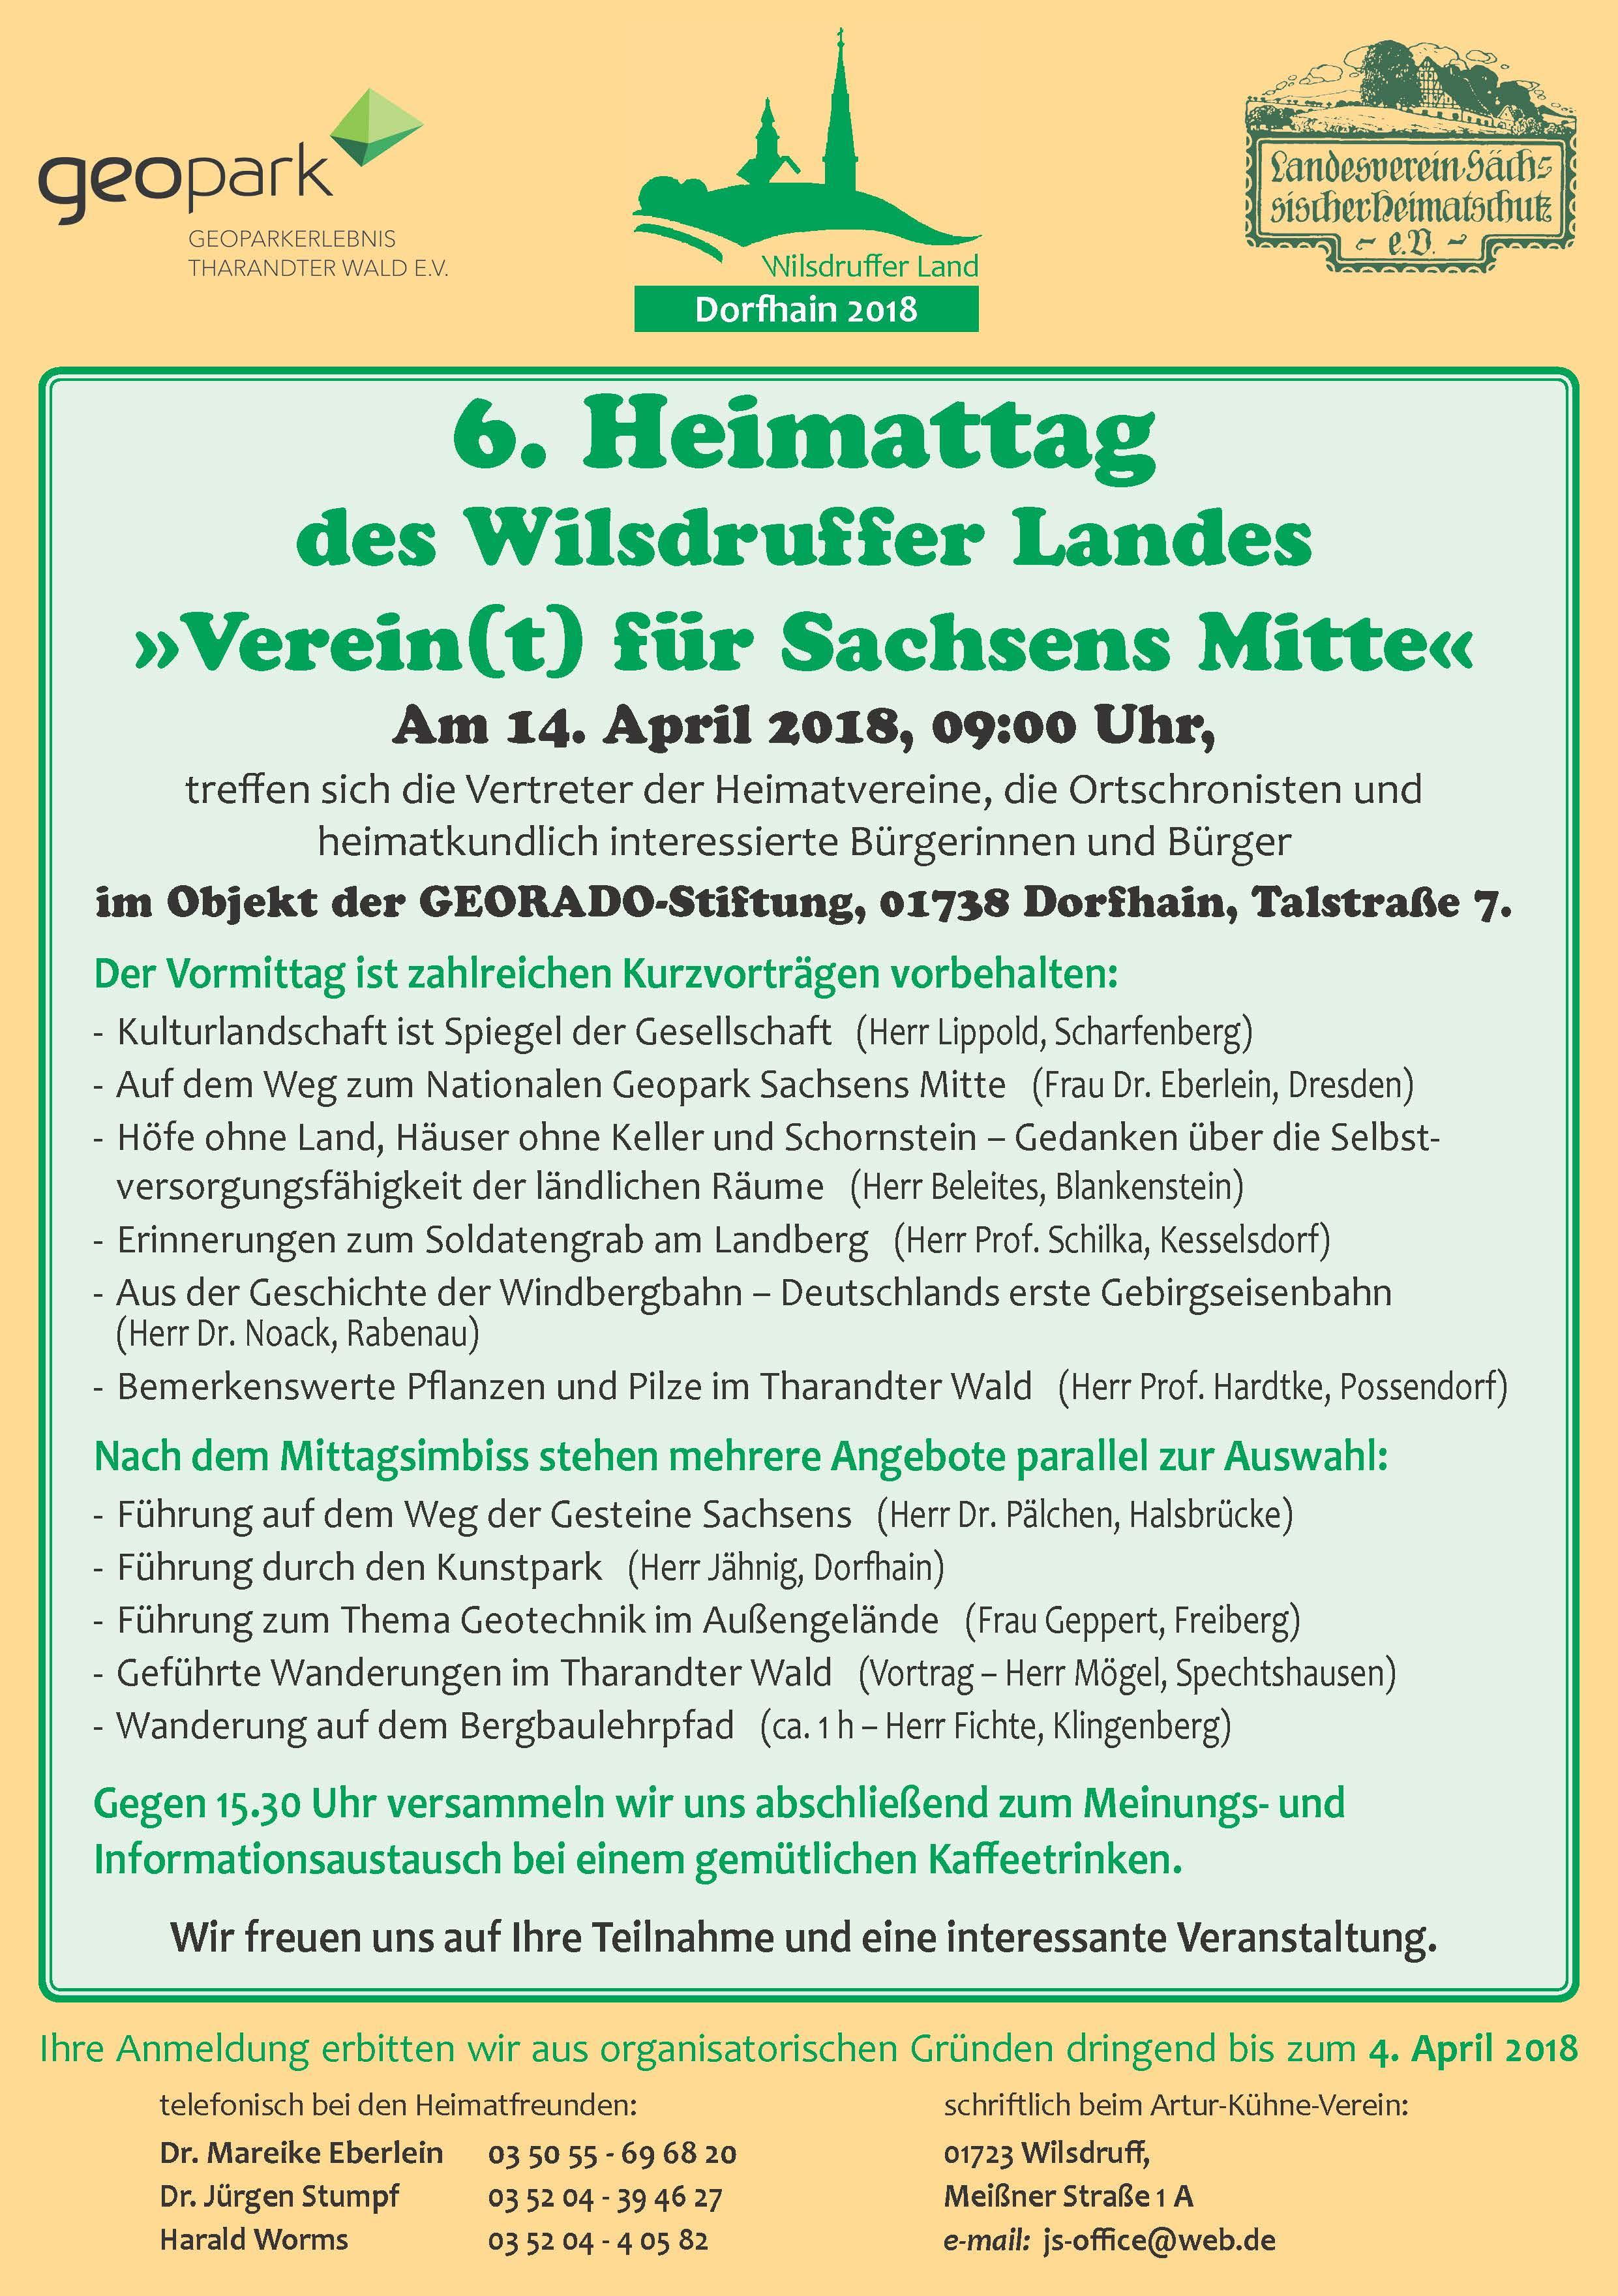 Flyer_6. Heimattag_Dorfhain_2018.jpg